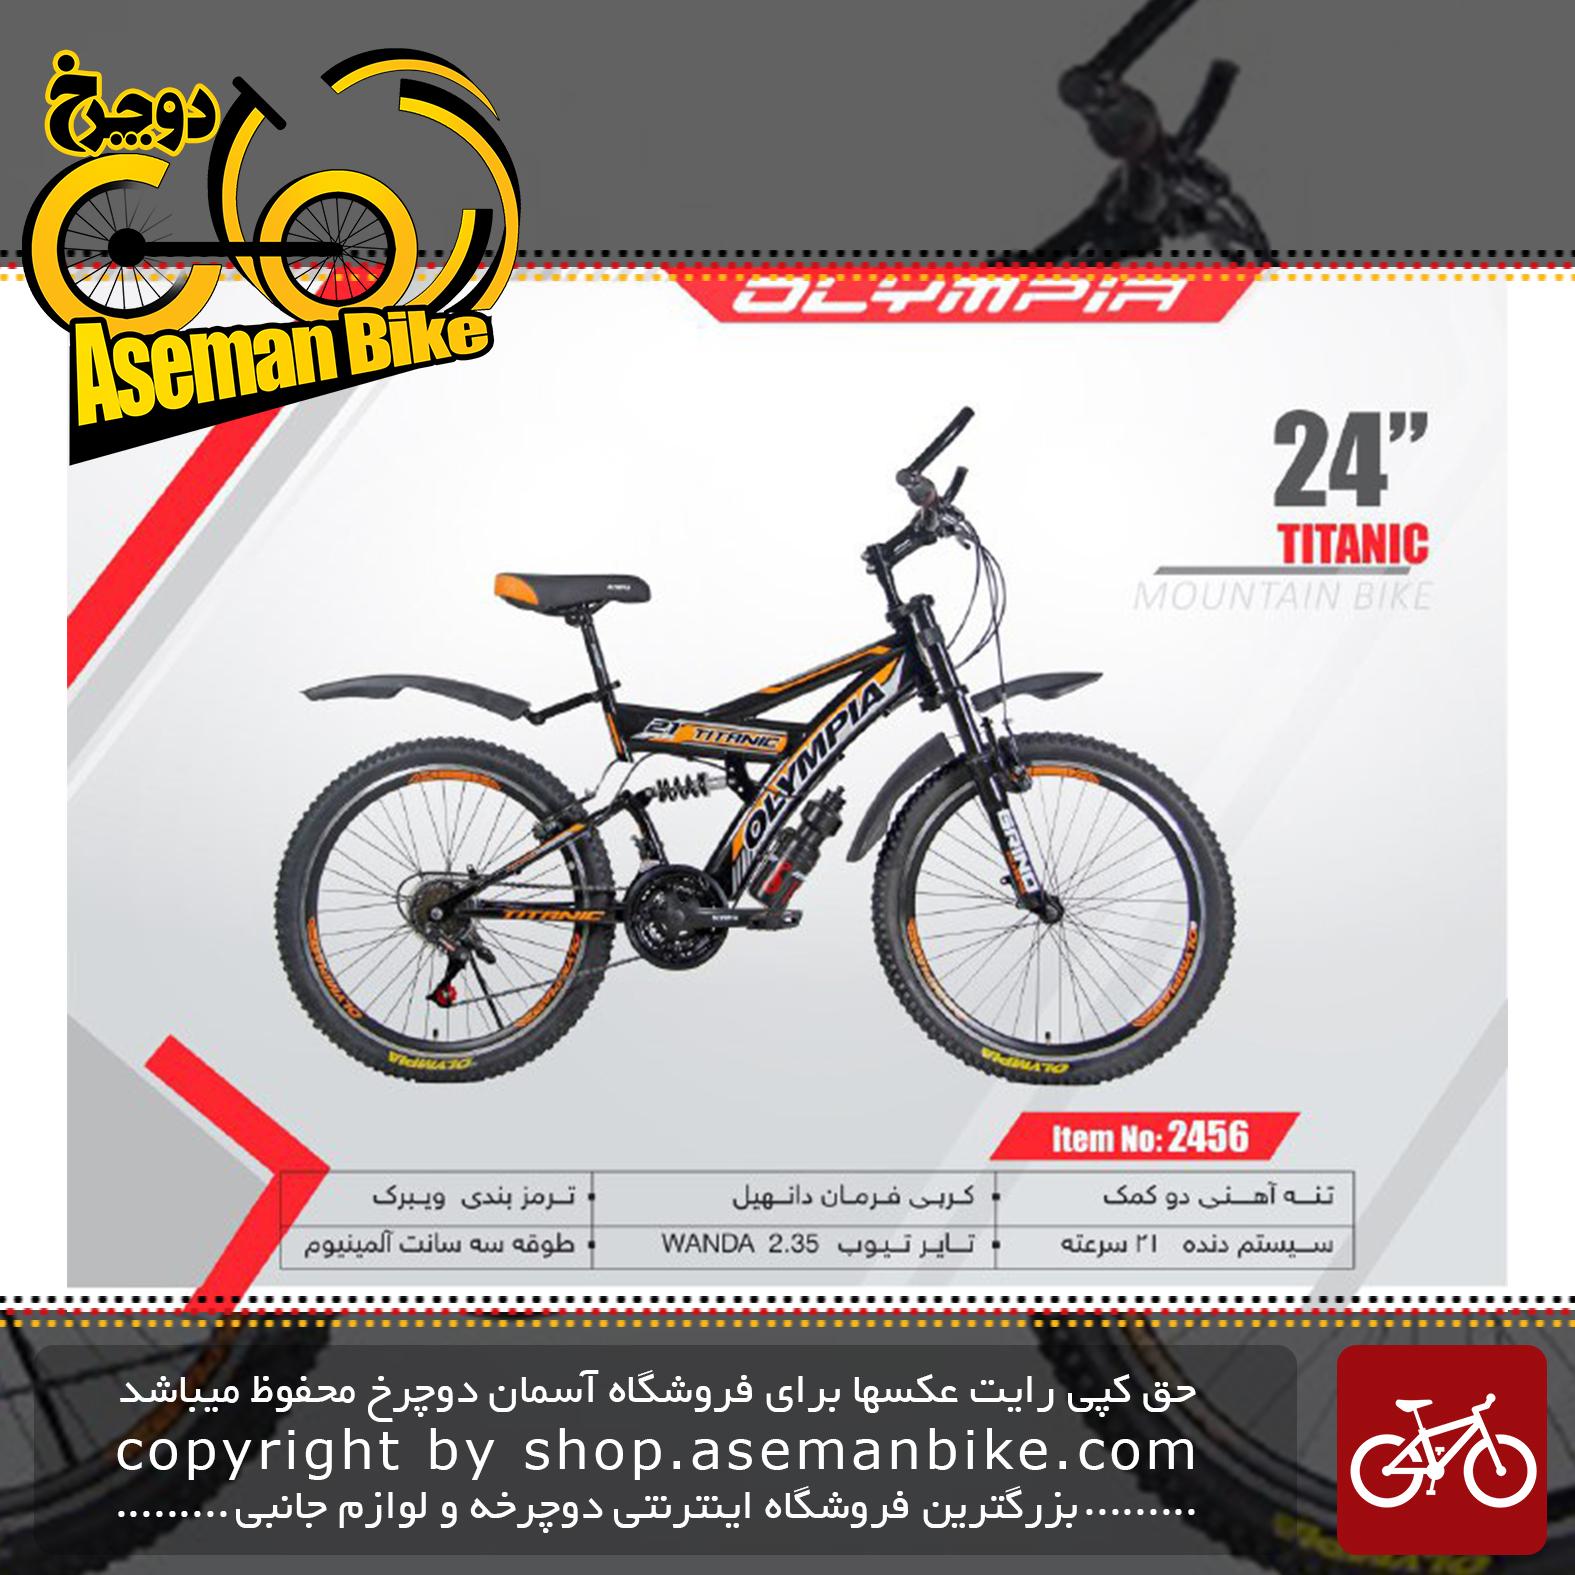 دوچرخه کوهستان المپیا سایز 24مدل تایتانیکOLYMPIA SIZE 24 TITANIC